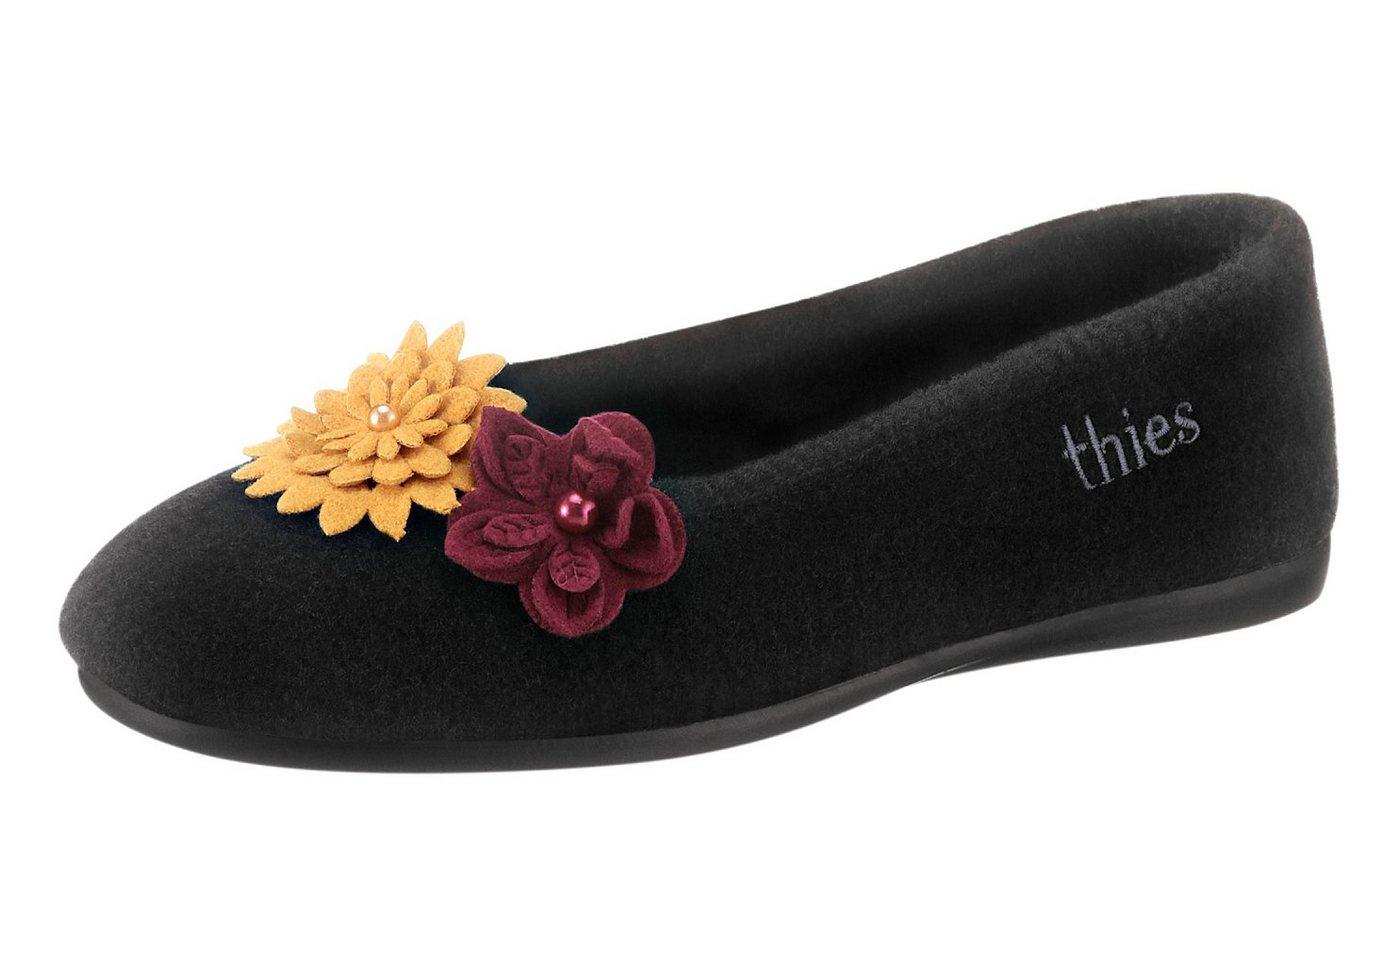 Thies Hausschuh mit zweifarbiger Blüten-Applikation | Schuhe > Hausschuhe > Klassische Hausschuhe | Schwarz | thies